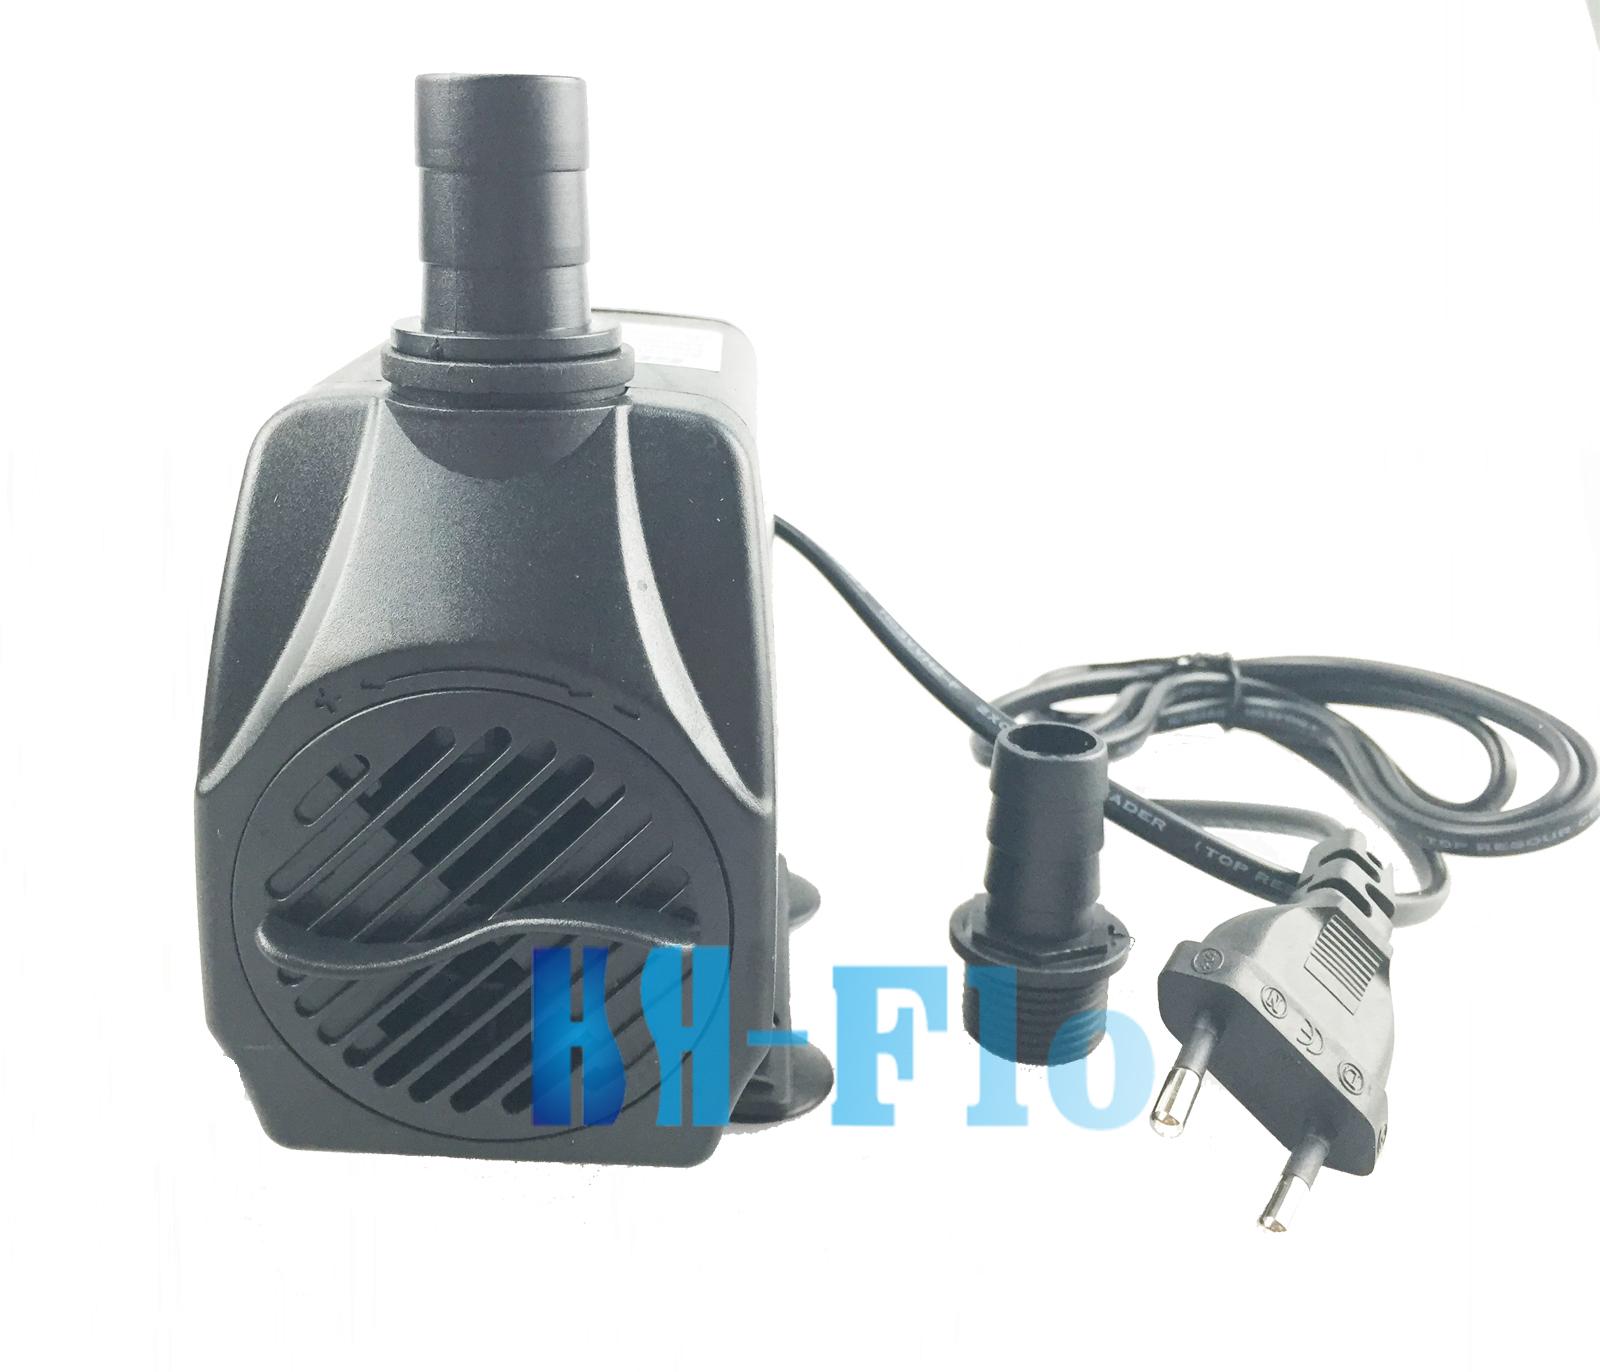 AP300 Post Submersible Water Pump FOR Aquarium Fish Tank Water Feature 200l//h